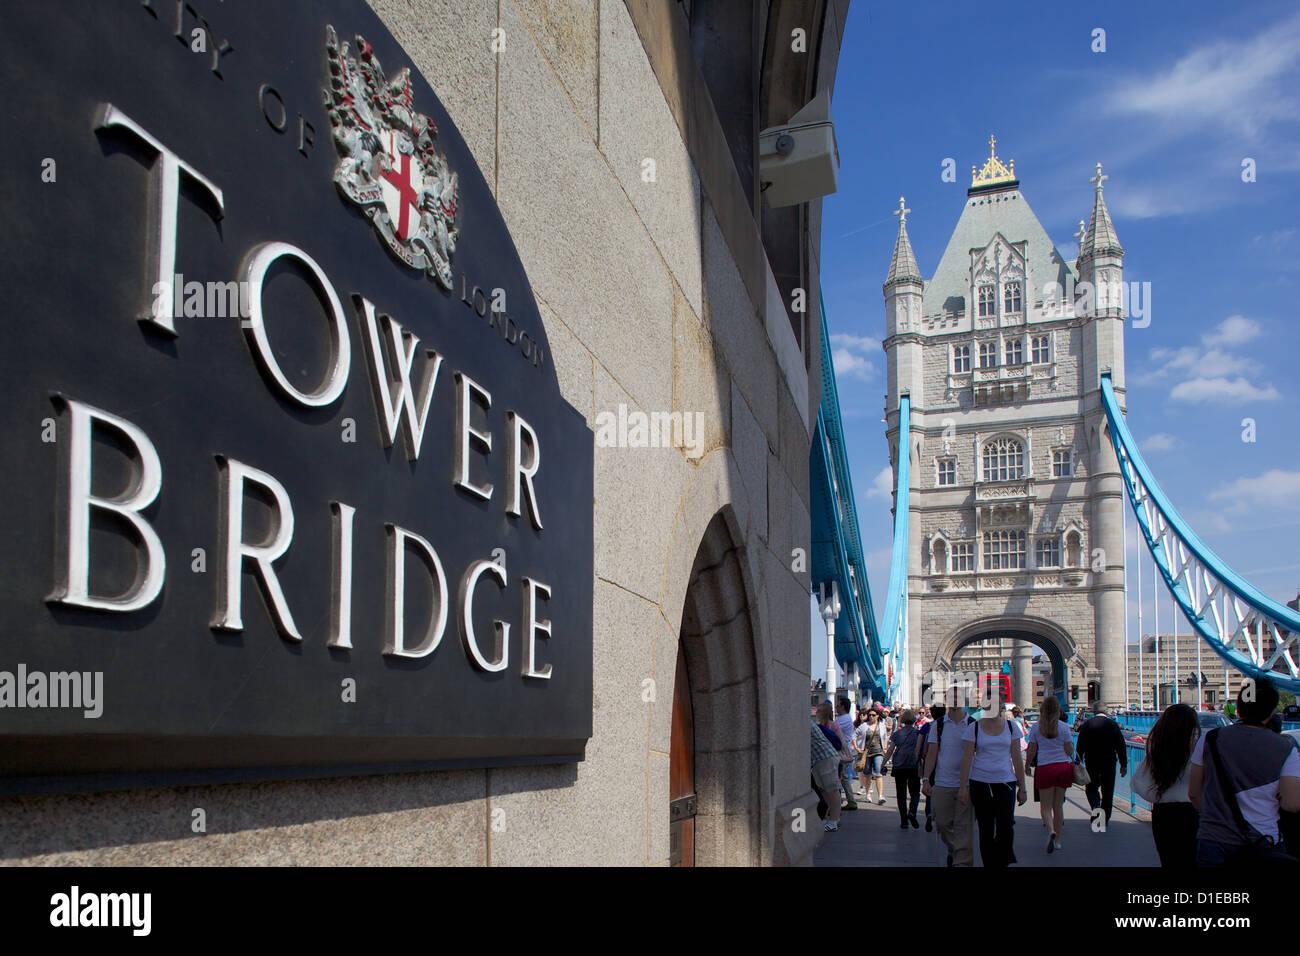 Tower Bridge, London, England, United Kingdom, Europe - Stock Image